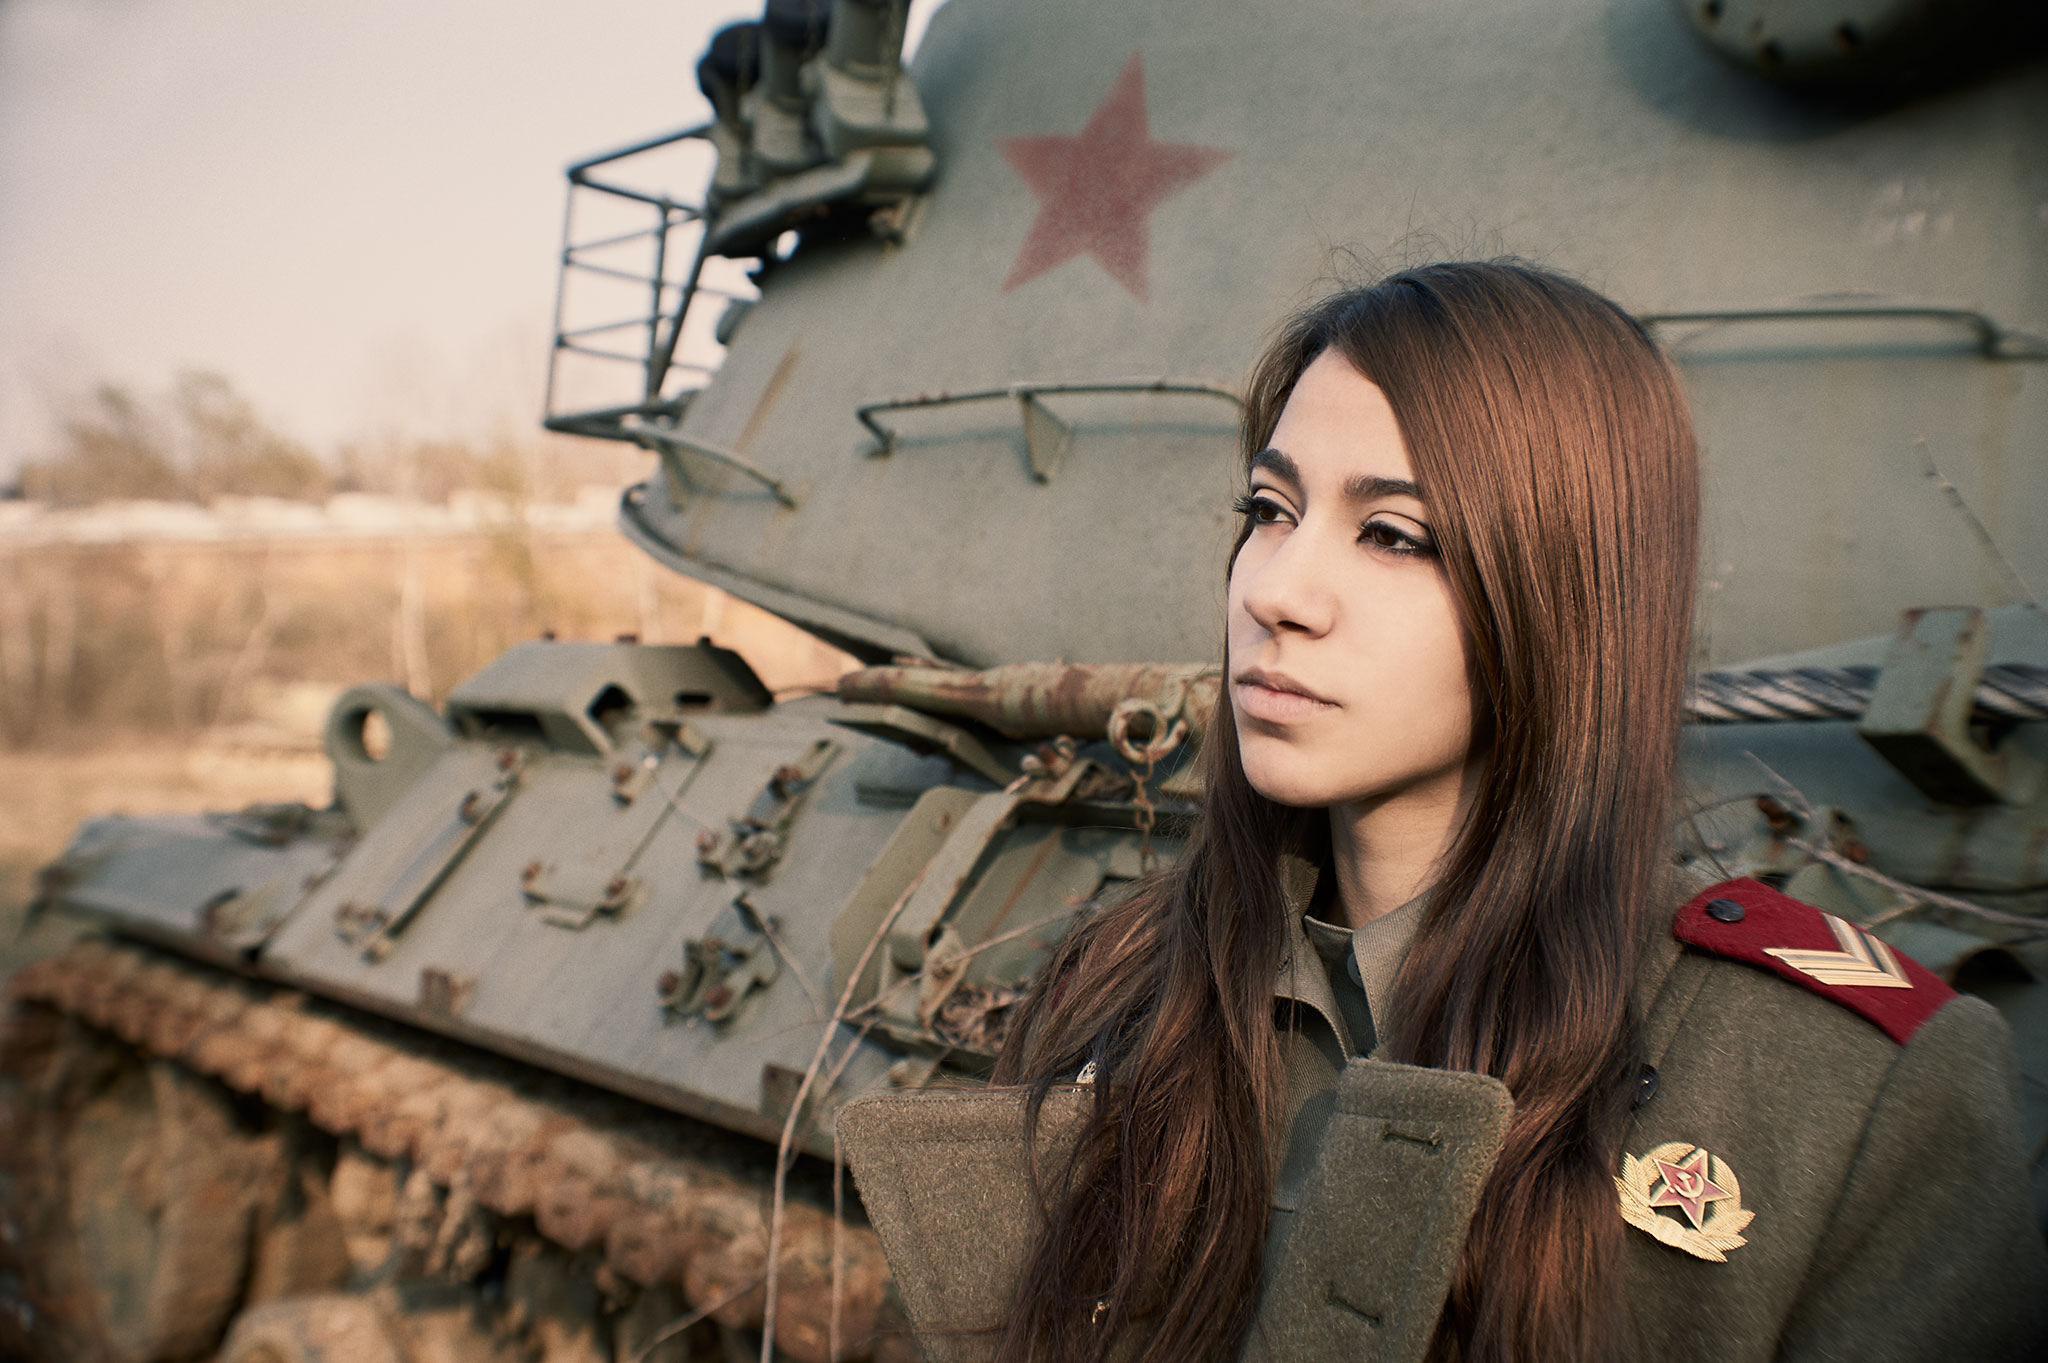 Телки в военной форме, Порно фото из категории Военные - 26 эротических фото 17 фотография